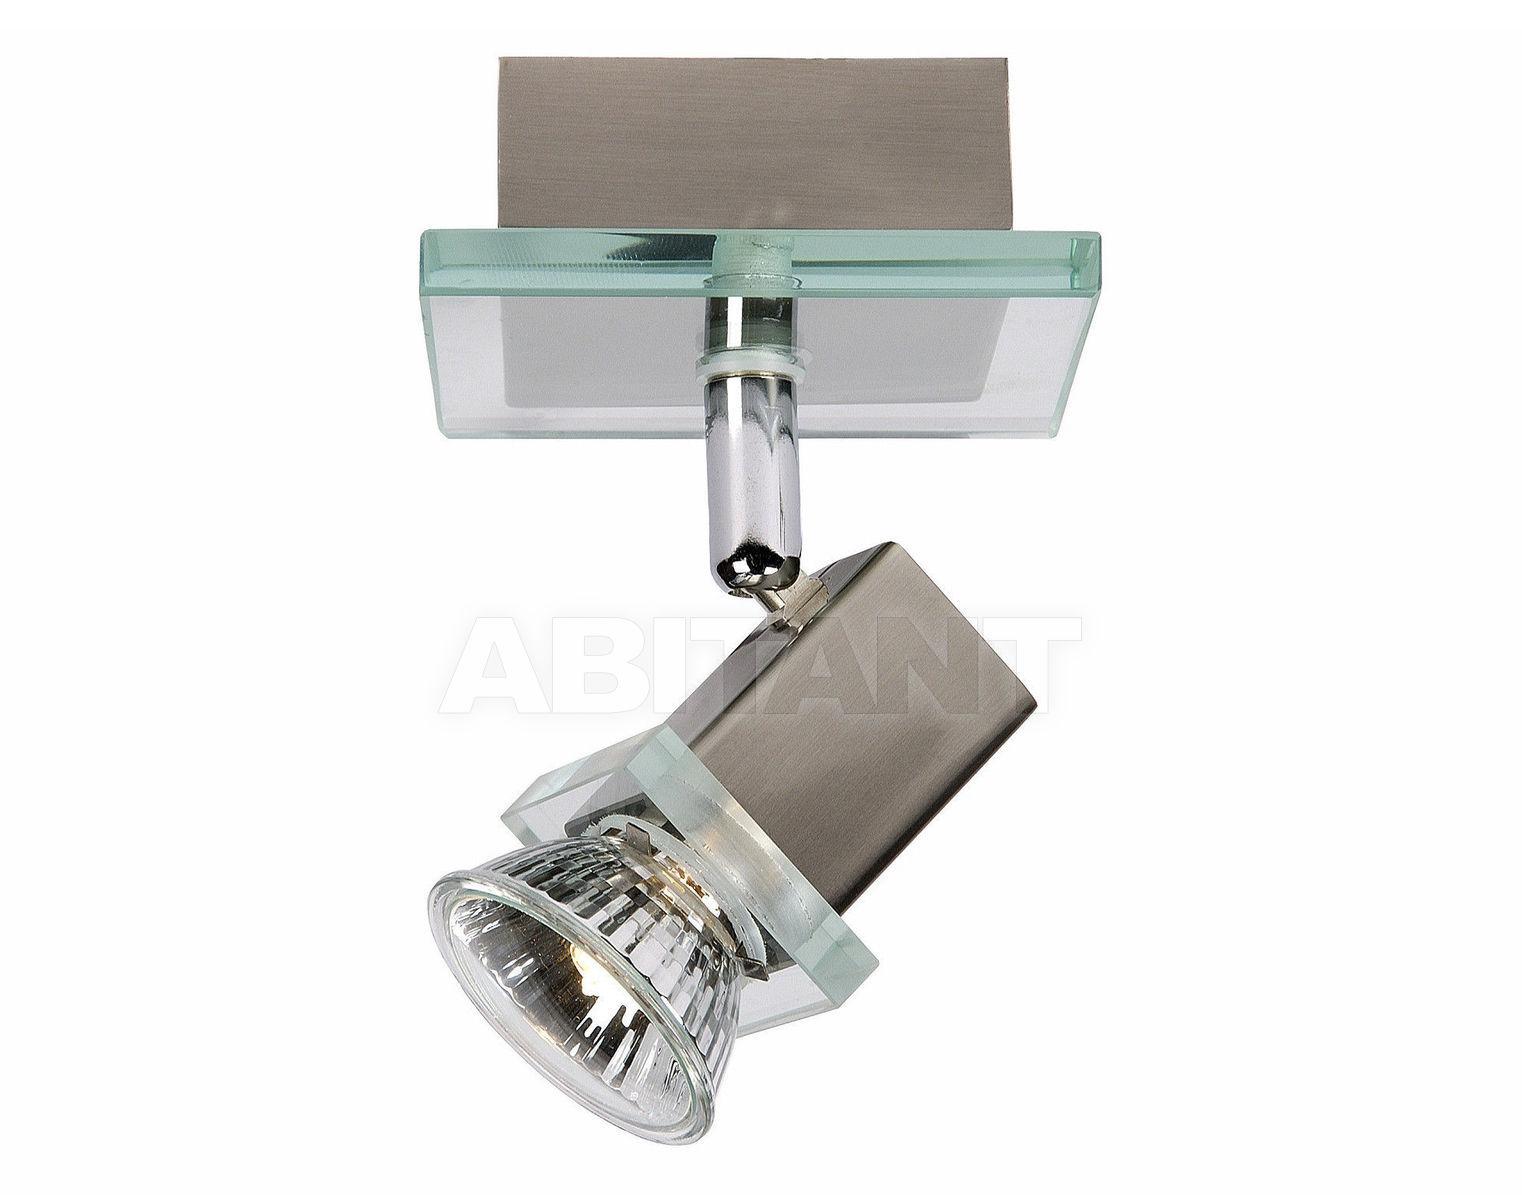 Купить Светильник-спот GLASFLEX Lucide  Ceiling & Wall Lights 12942/21/12